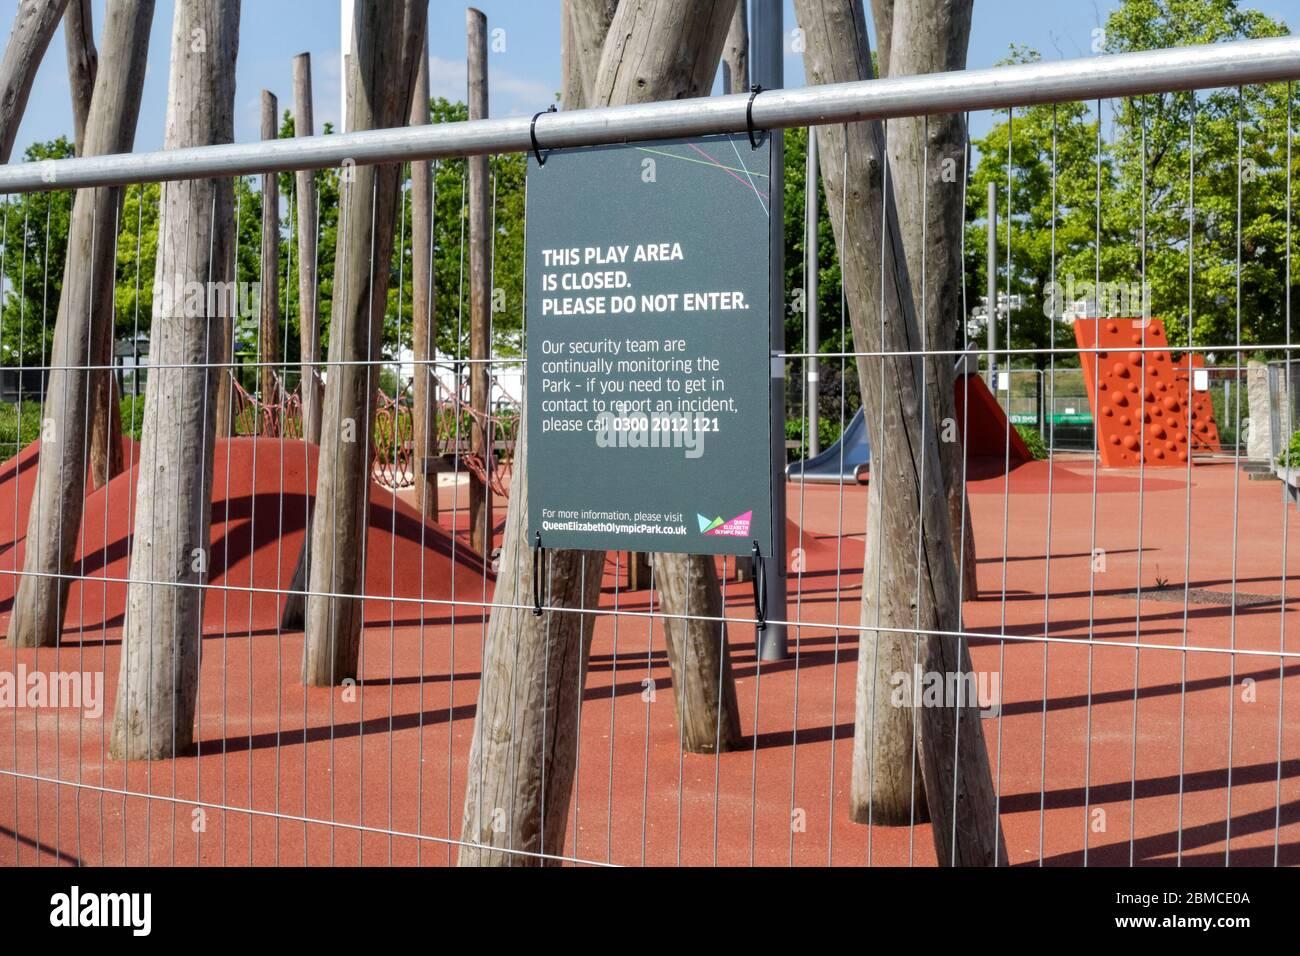 Zona de juegos cerrada y acordonada debido al brote de coronavirus, Londres, Inglaterra Reino Unido Foto de stock